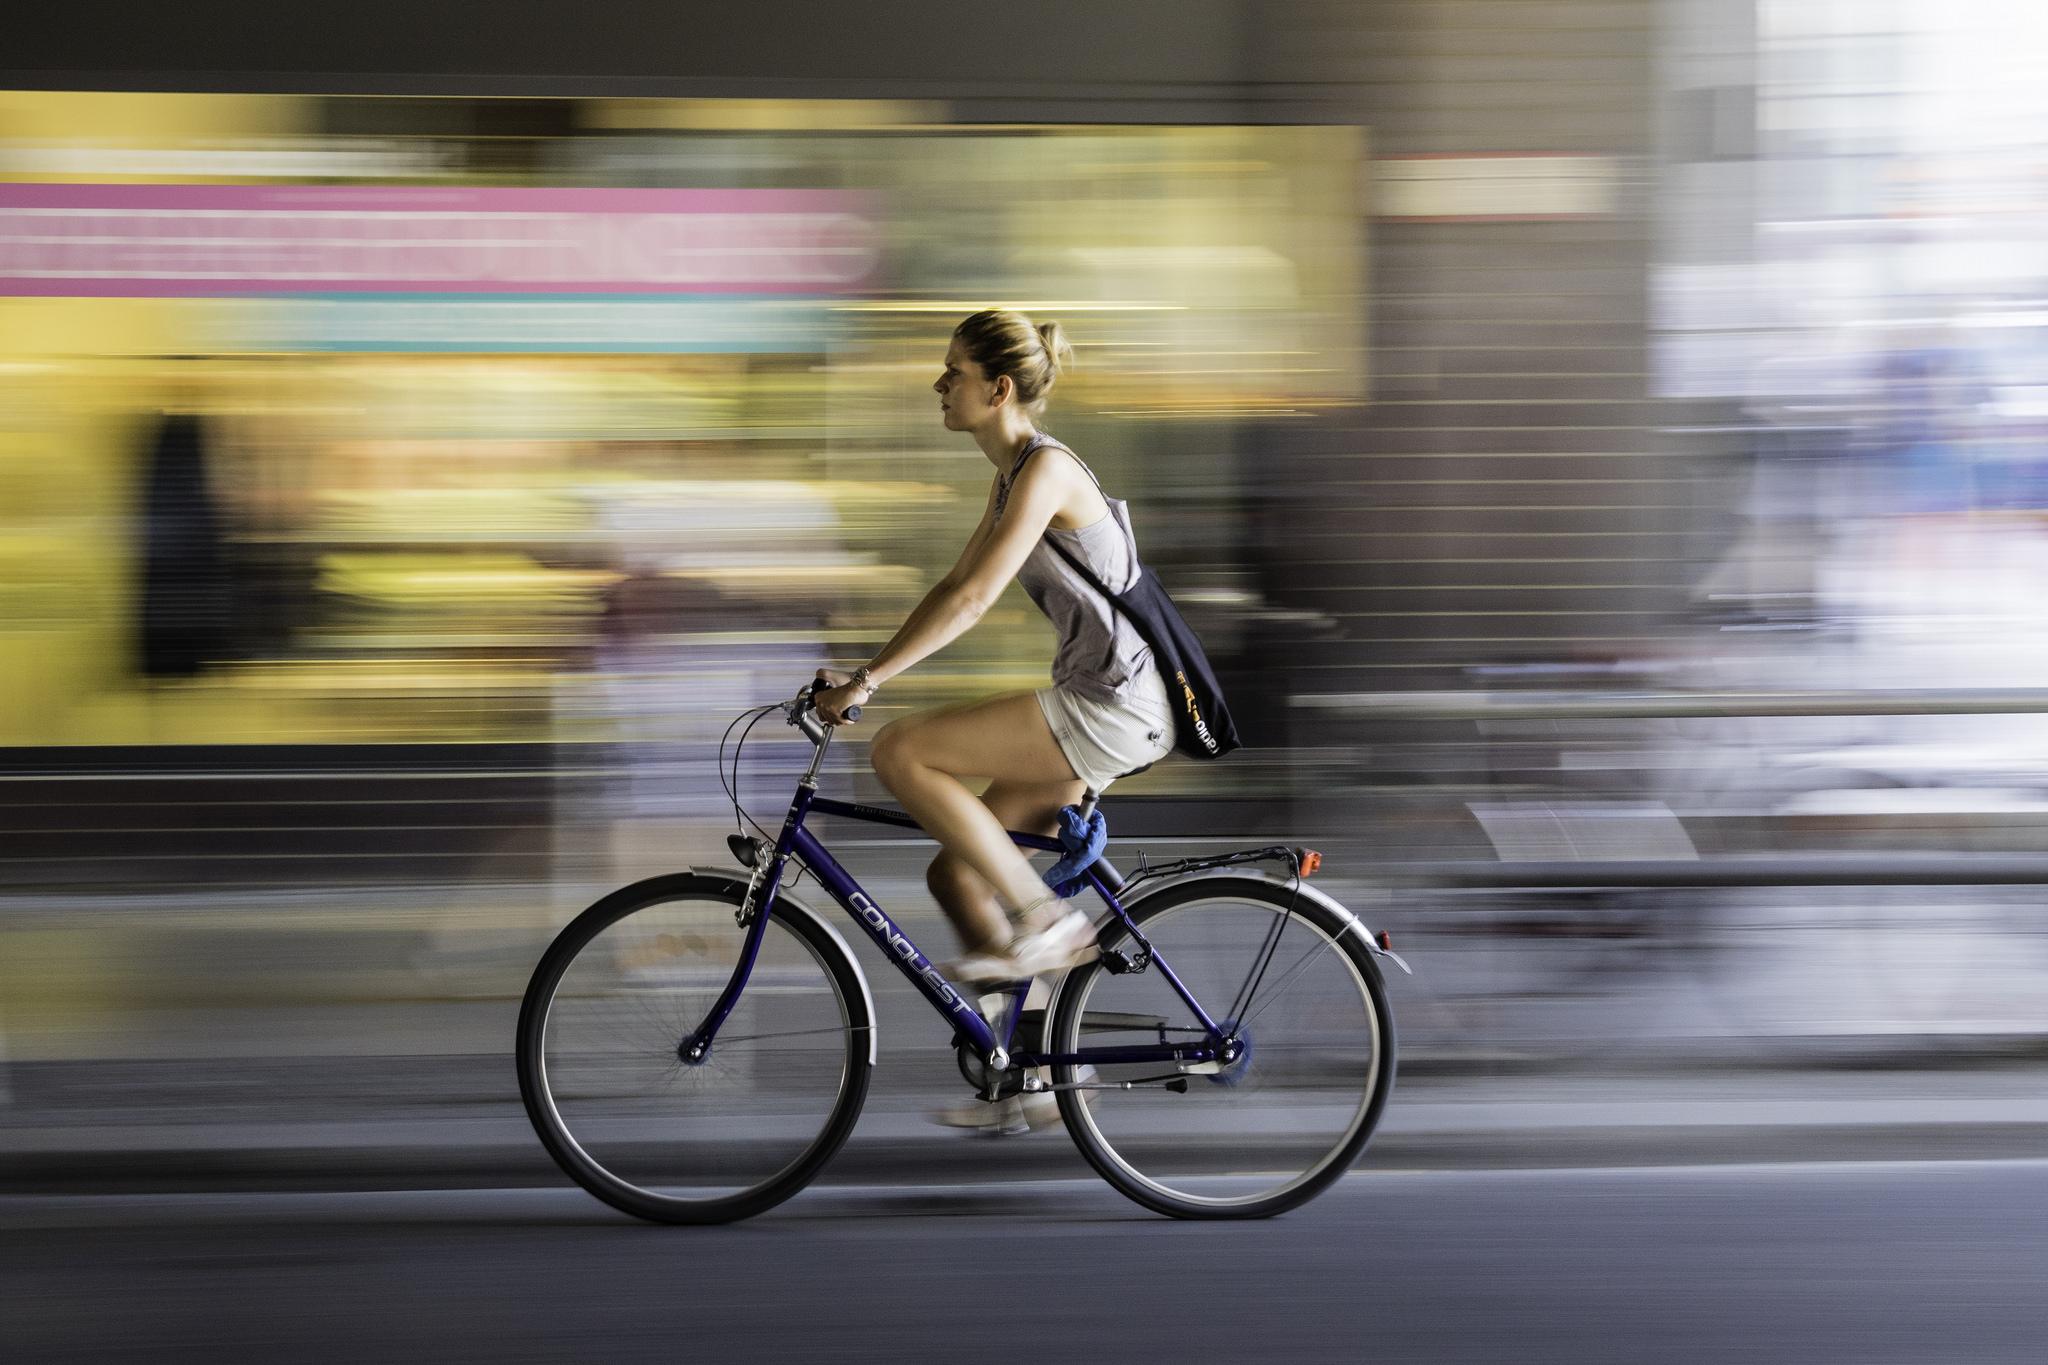 Flickr /Sascha Kohlmann Bike Motion